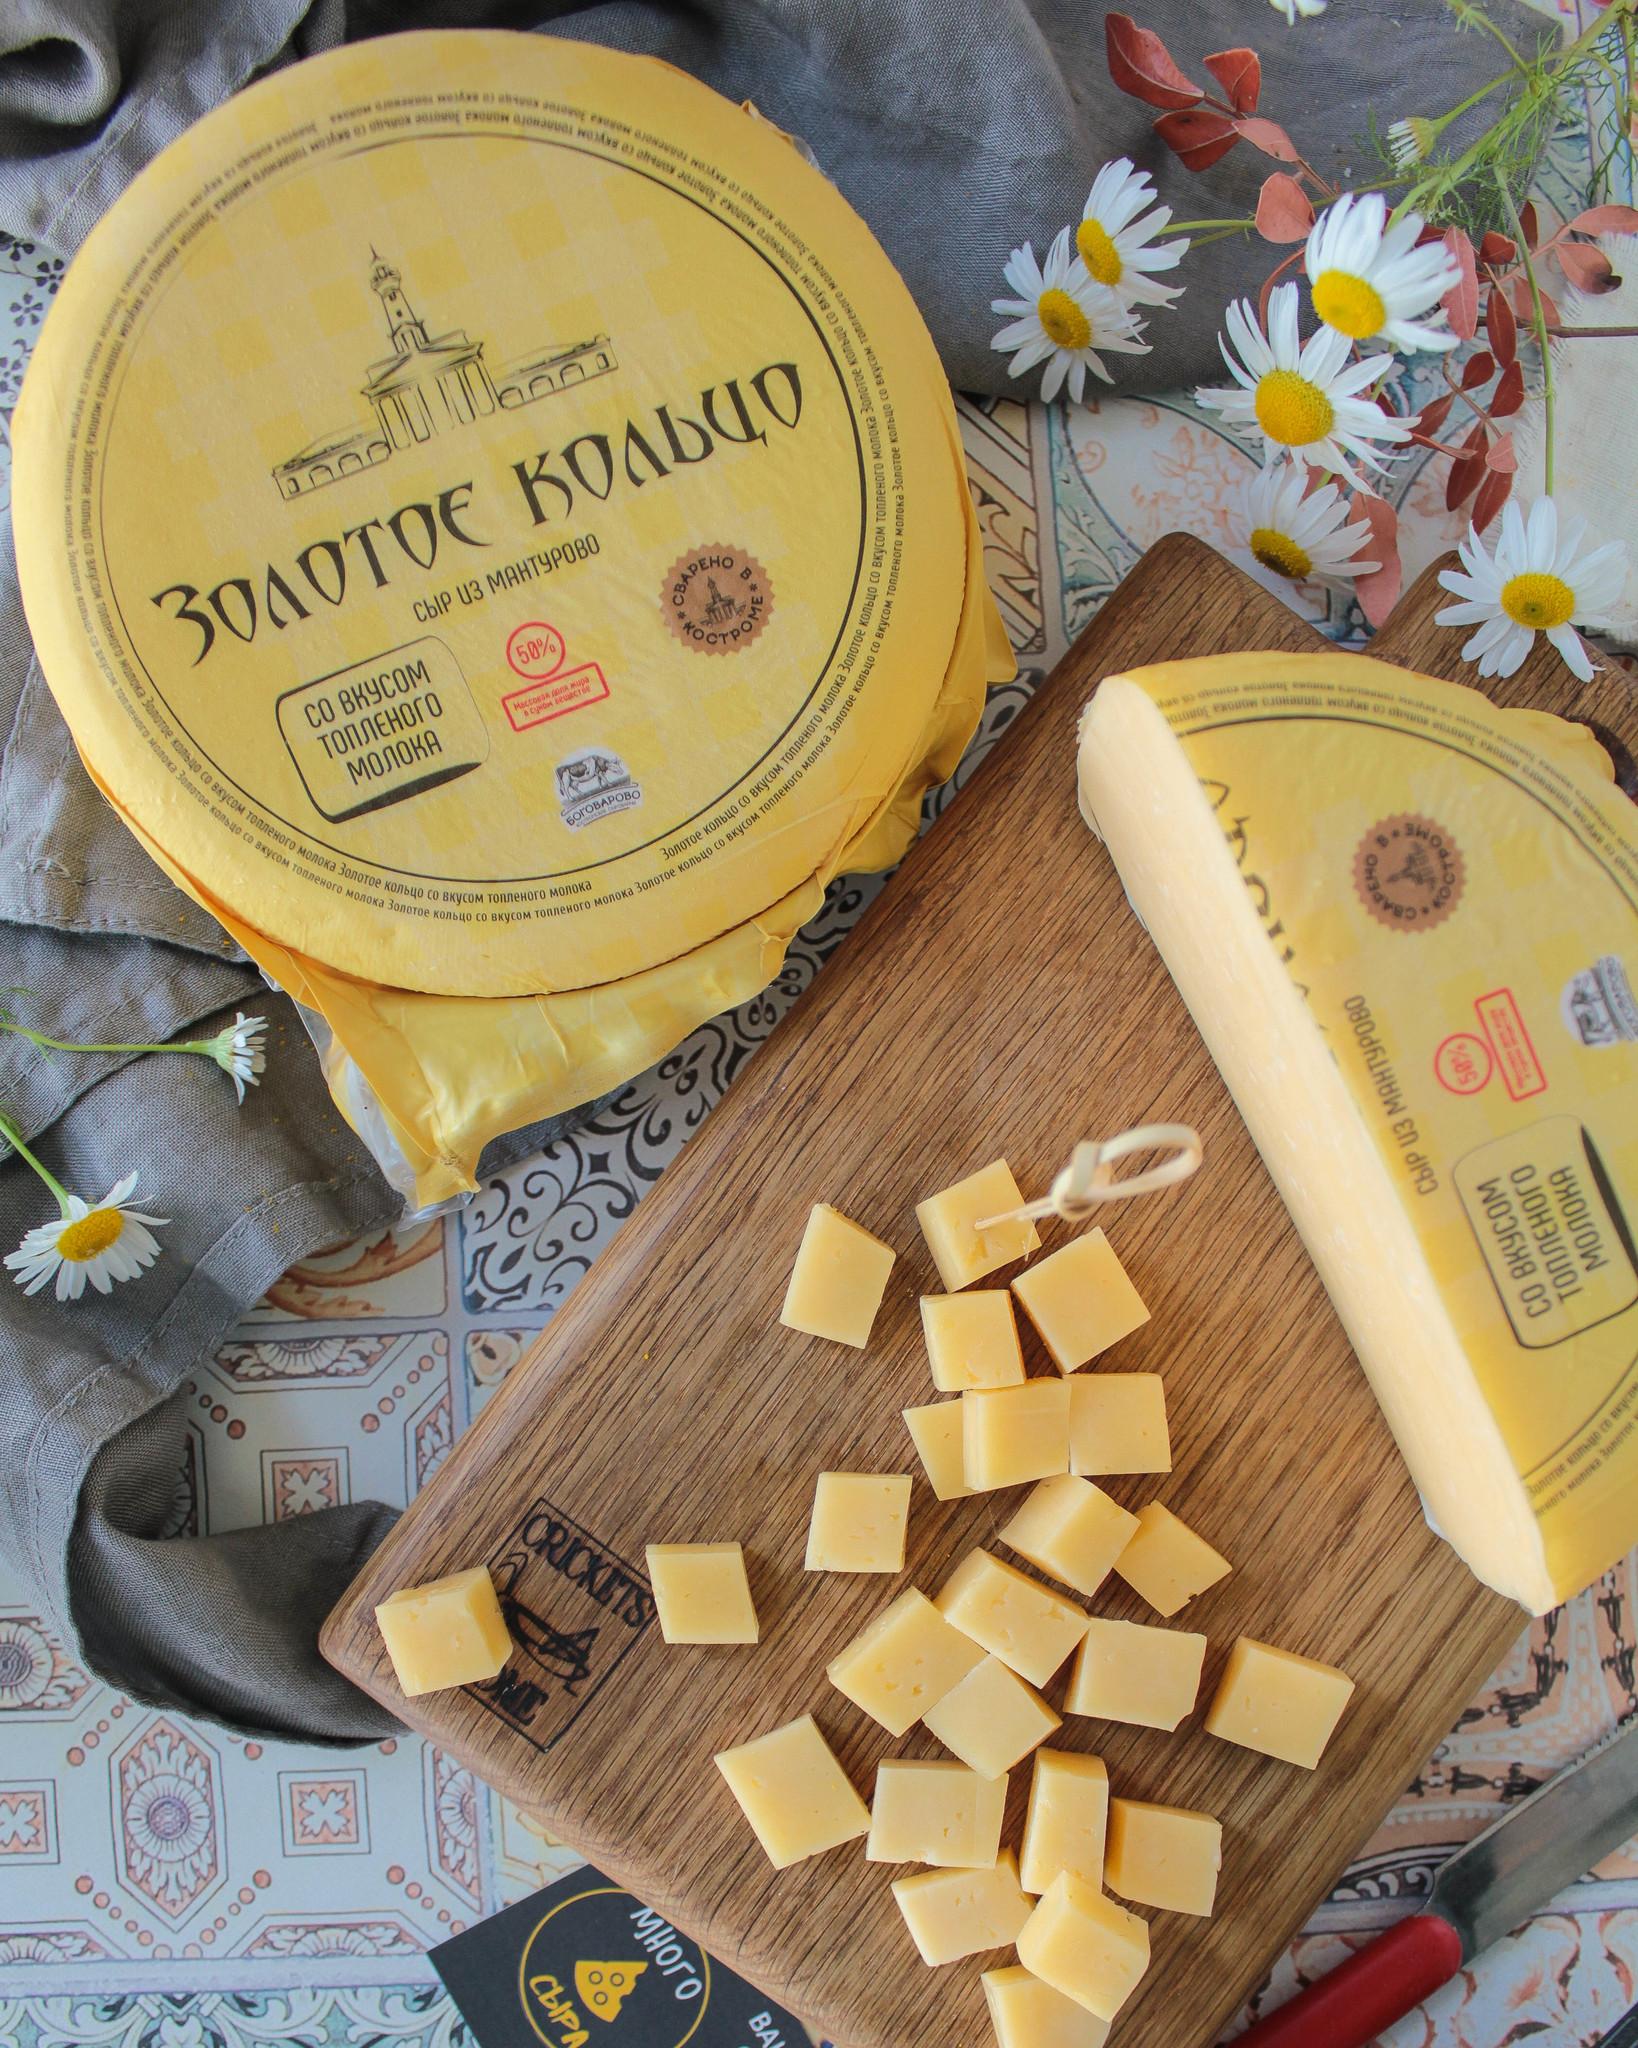 Сыр Золотое Кольцо со вкусом топленого молока, кг